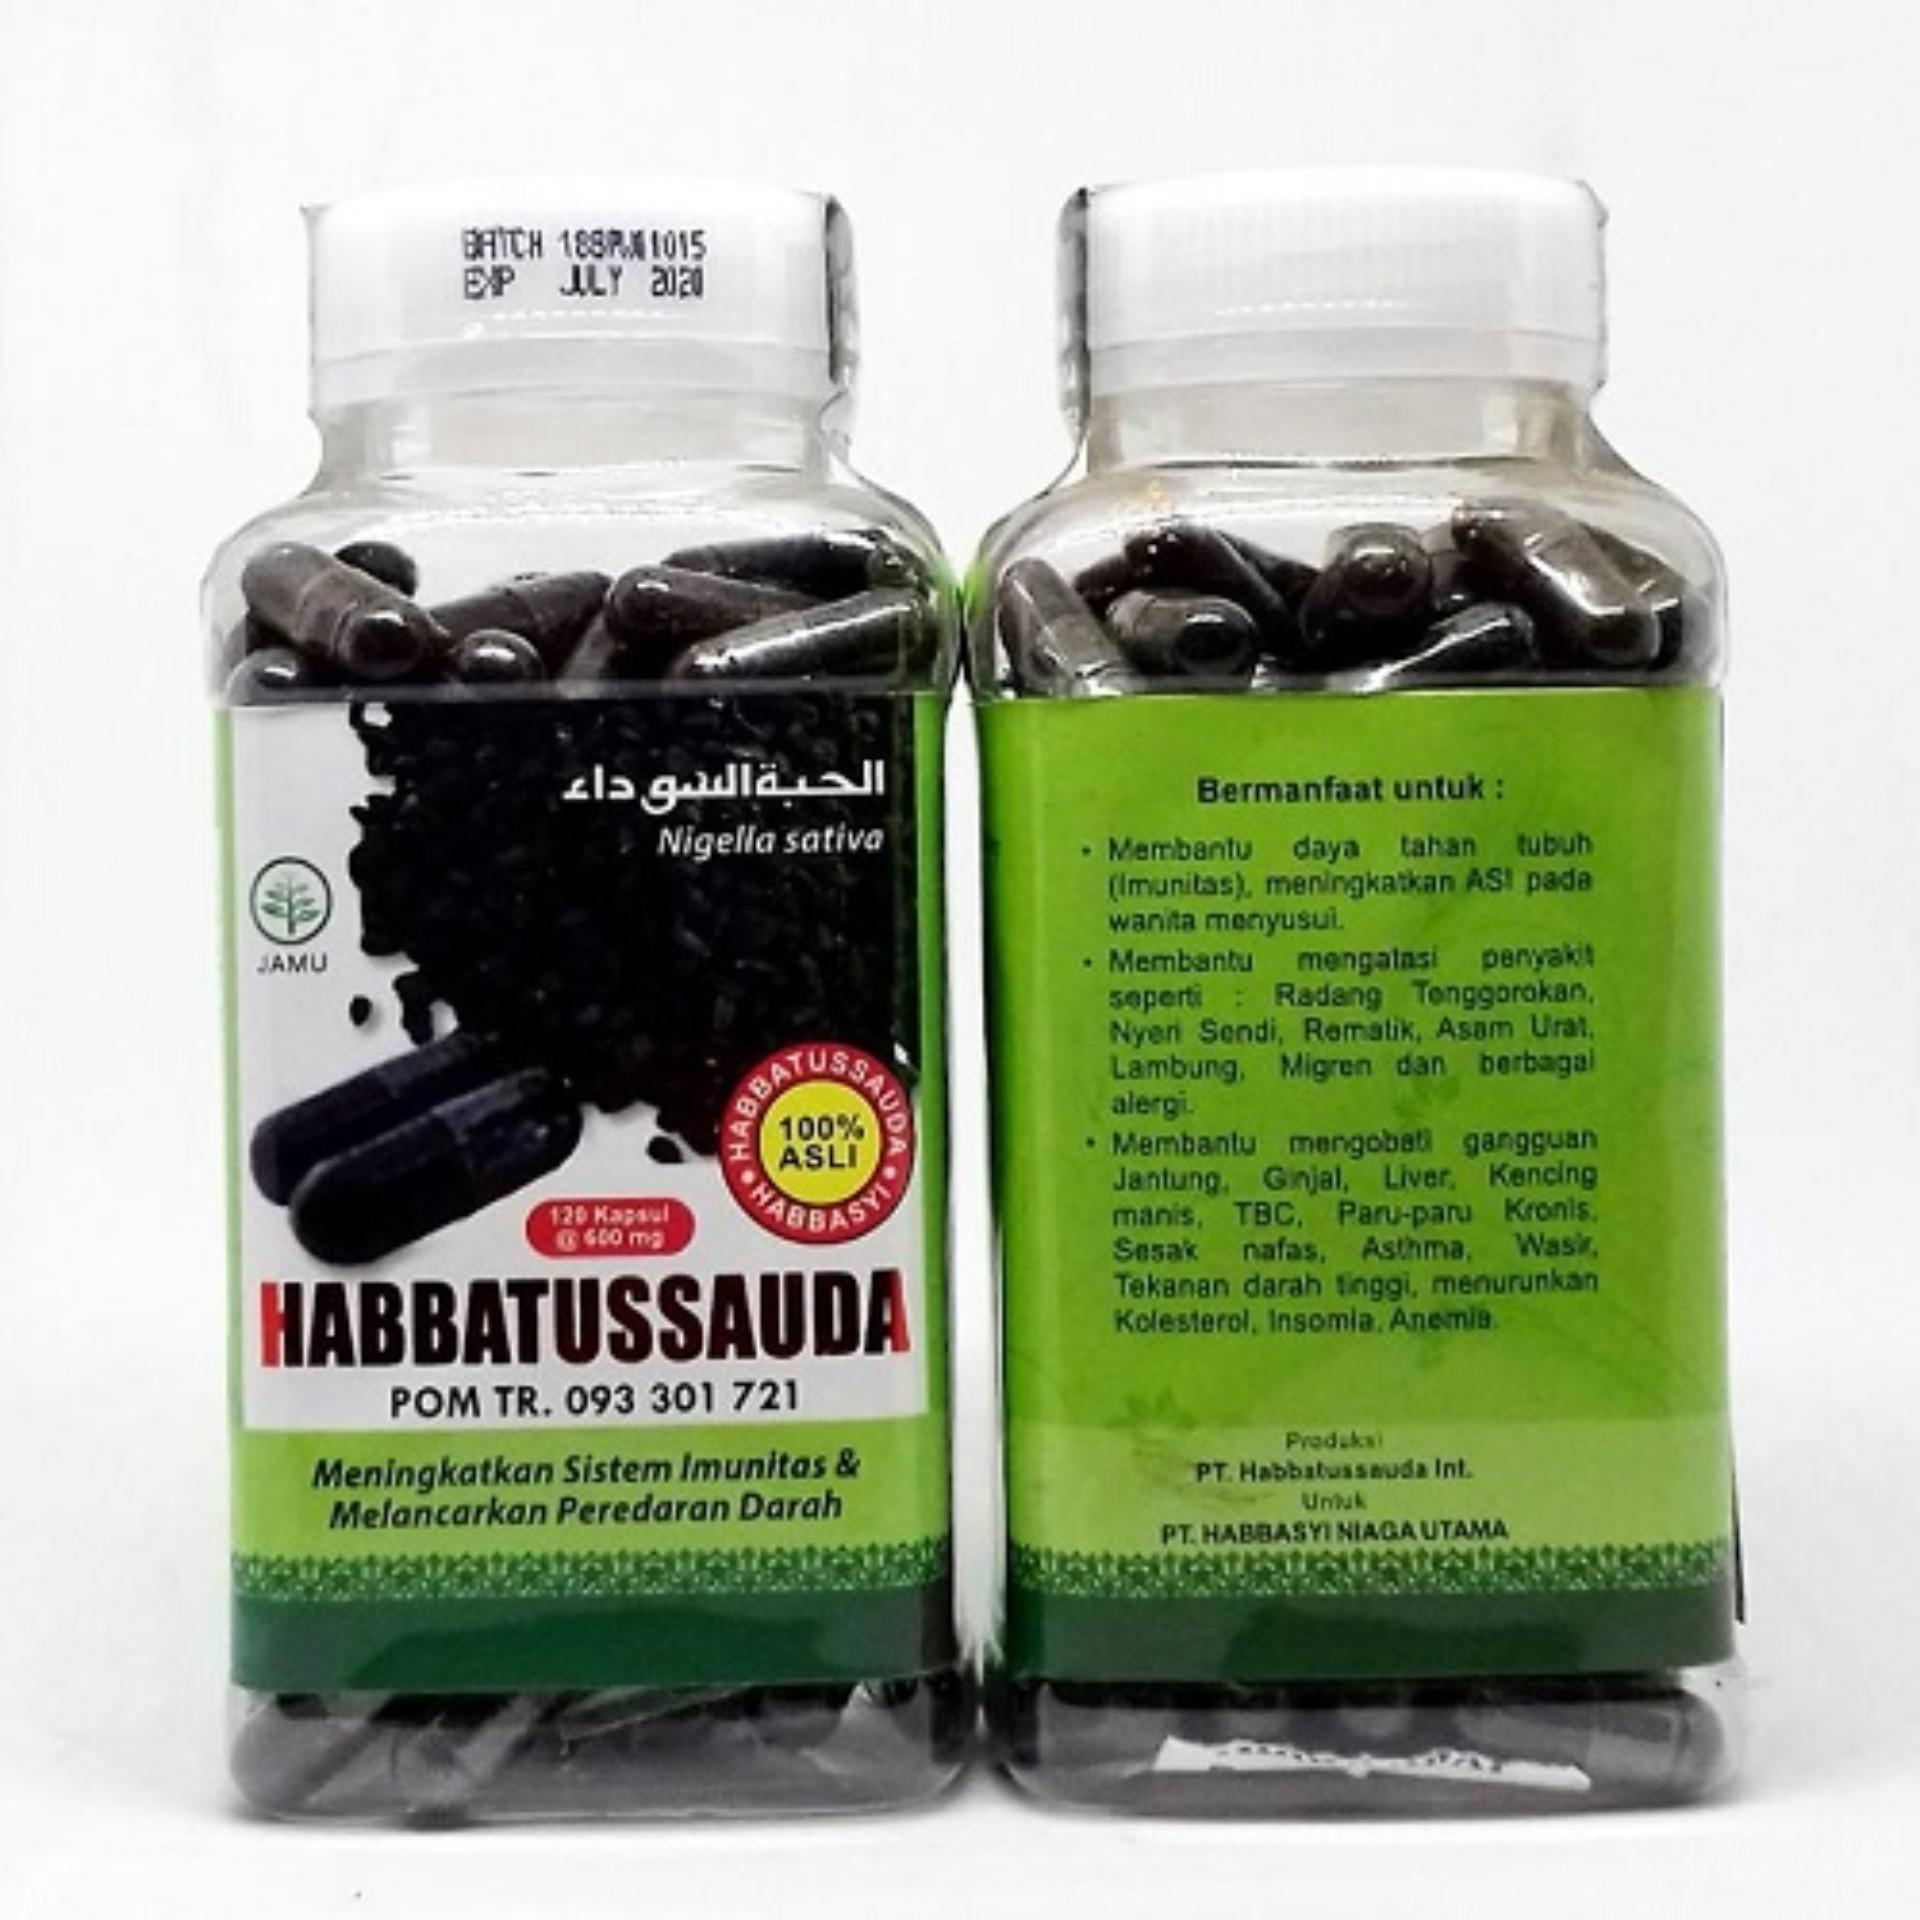 Jual Produk Habbatusauda Online Terbaru Di Habbasy Habbatussauda Minyak Isi 200 Kapsul Habbasyi Serbuk 120